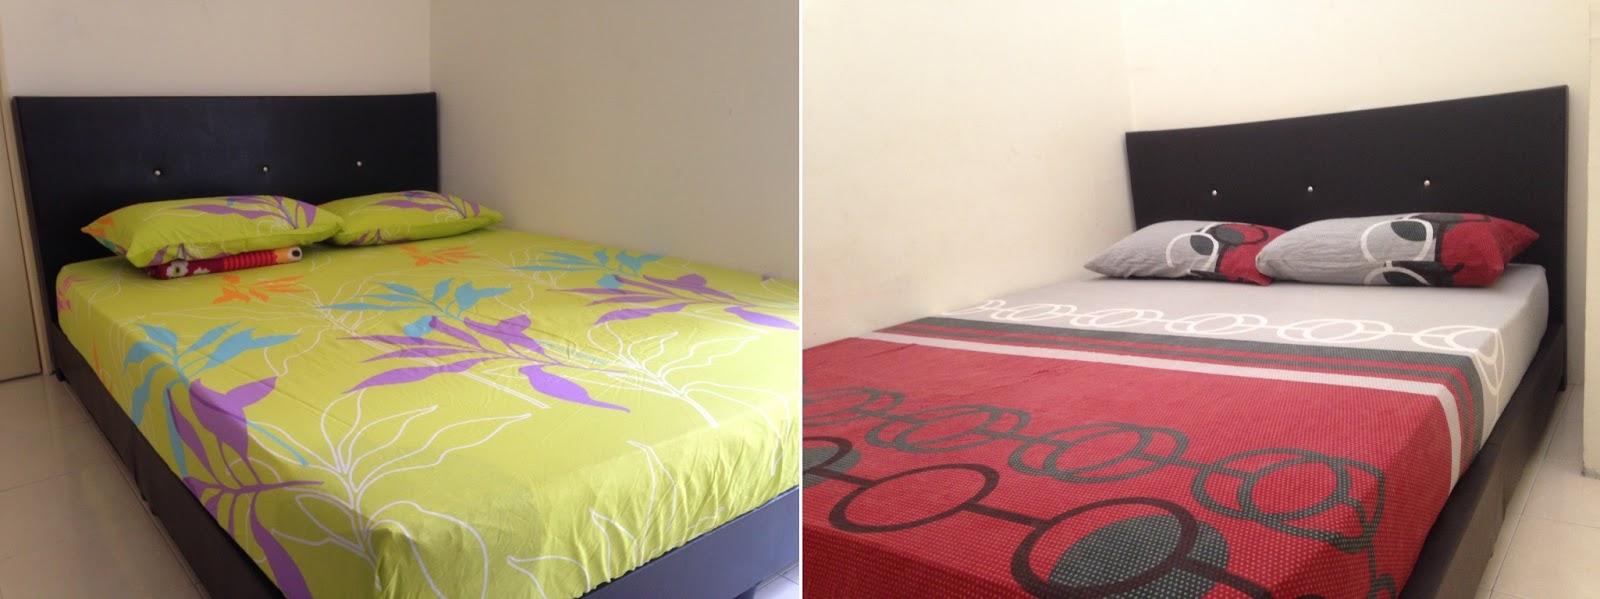 Bilik Tidur Yang Berhawa Dingin Disediakan Kepada Tetamu Datang Menginap I Gambang Homestay